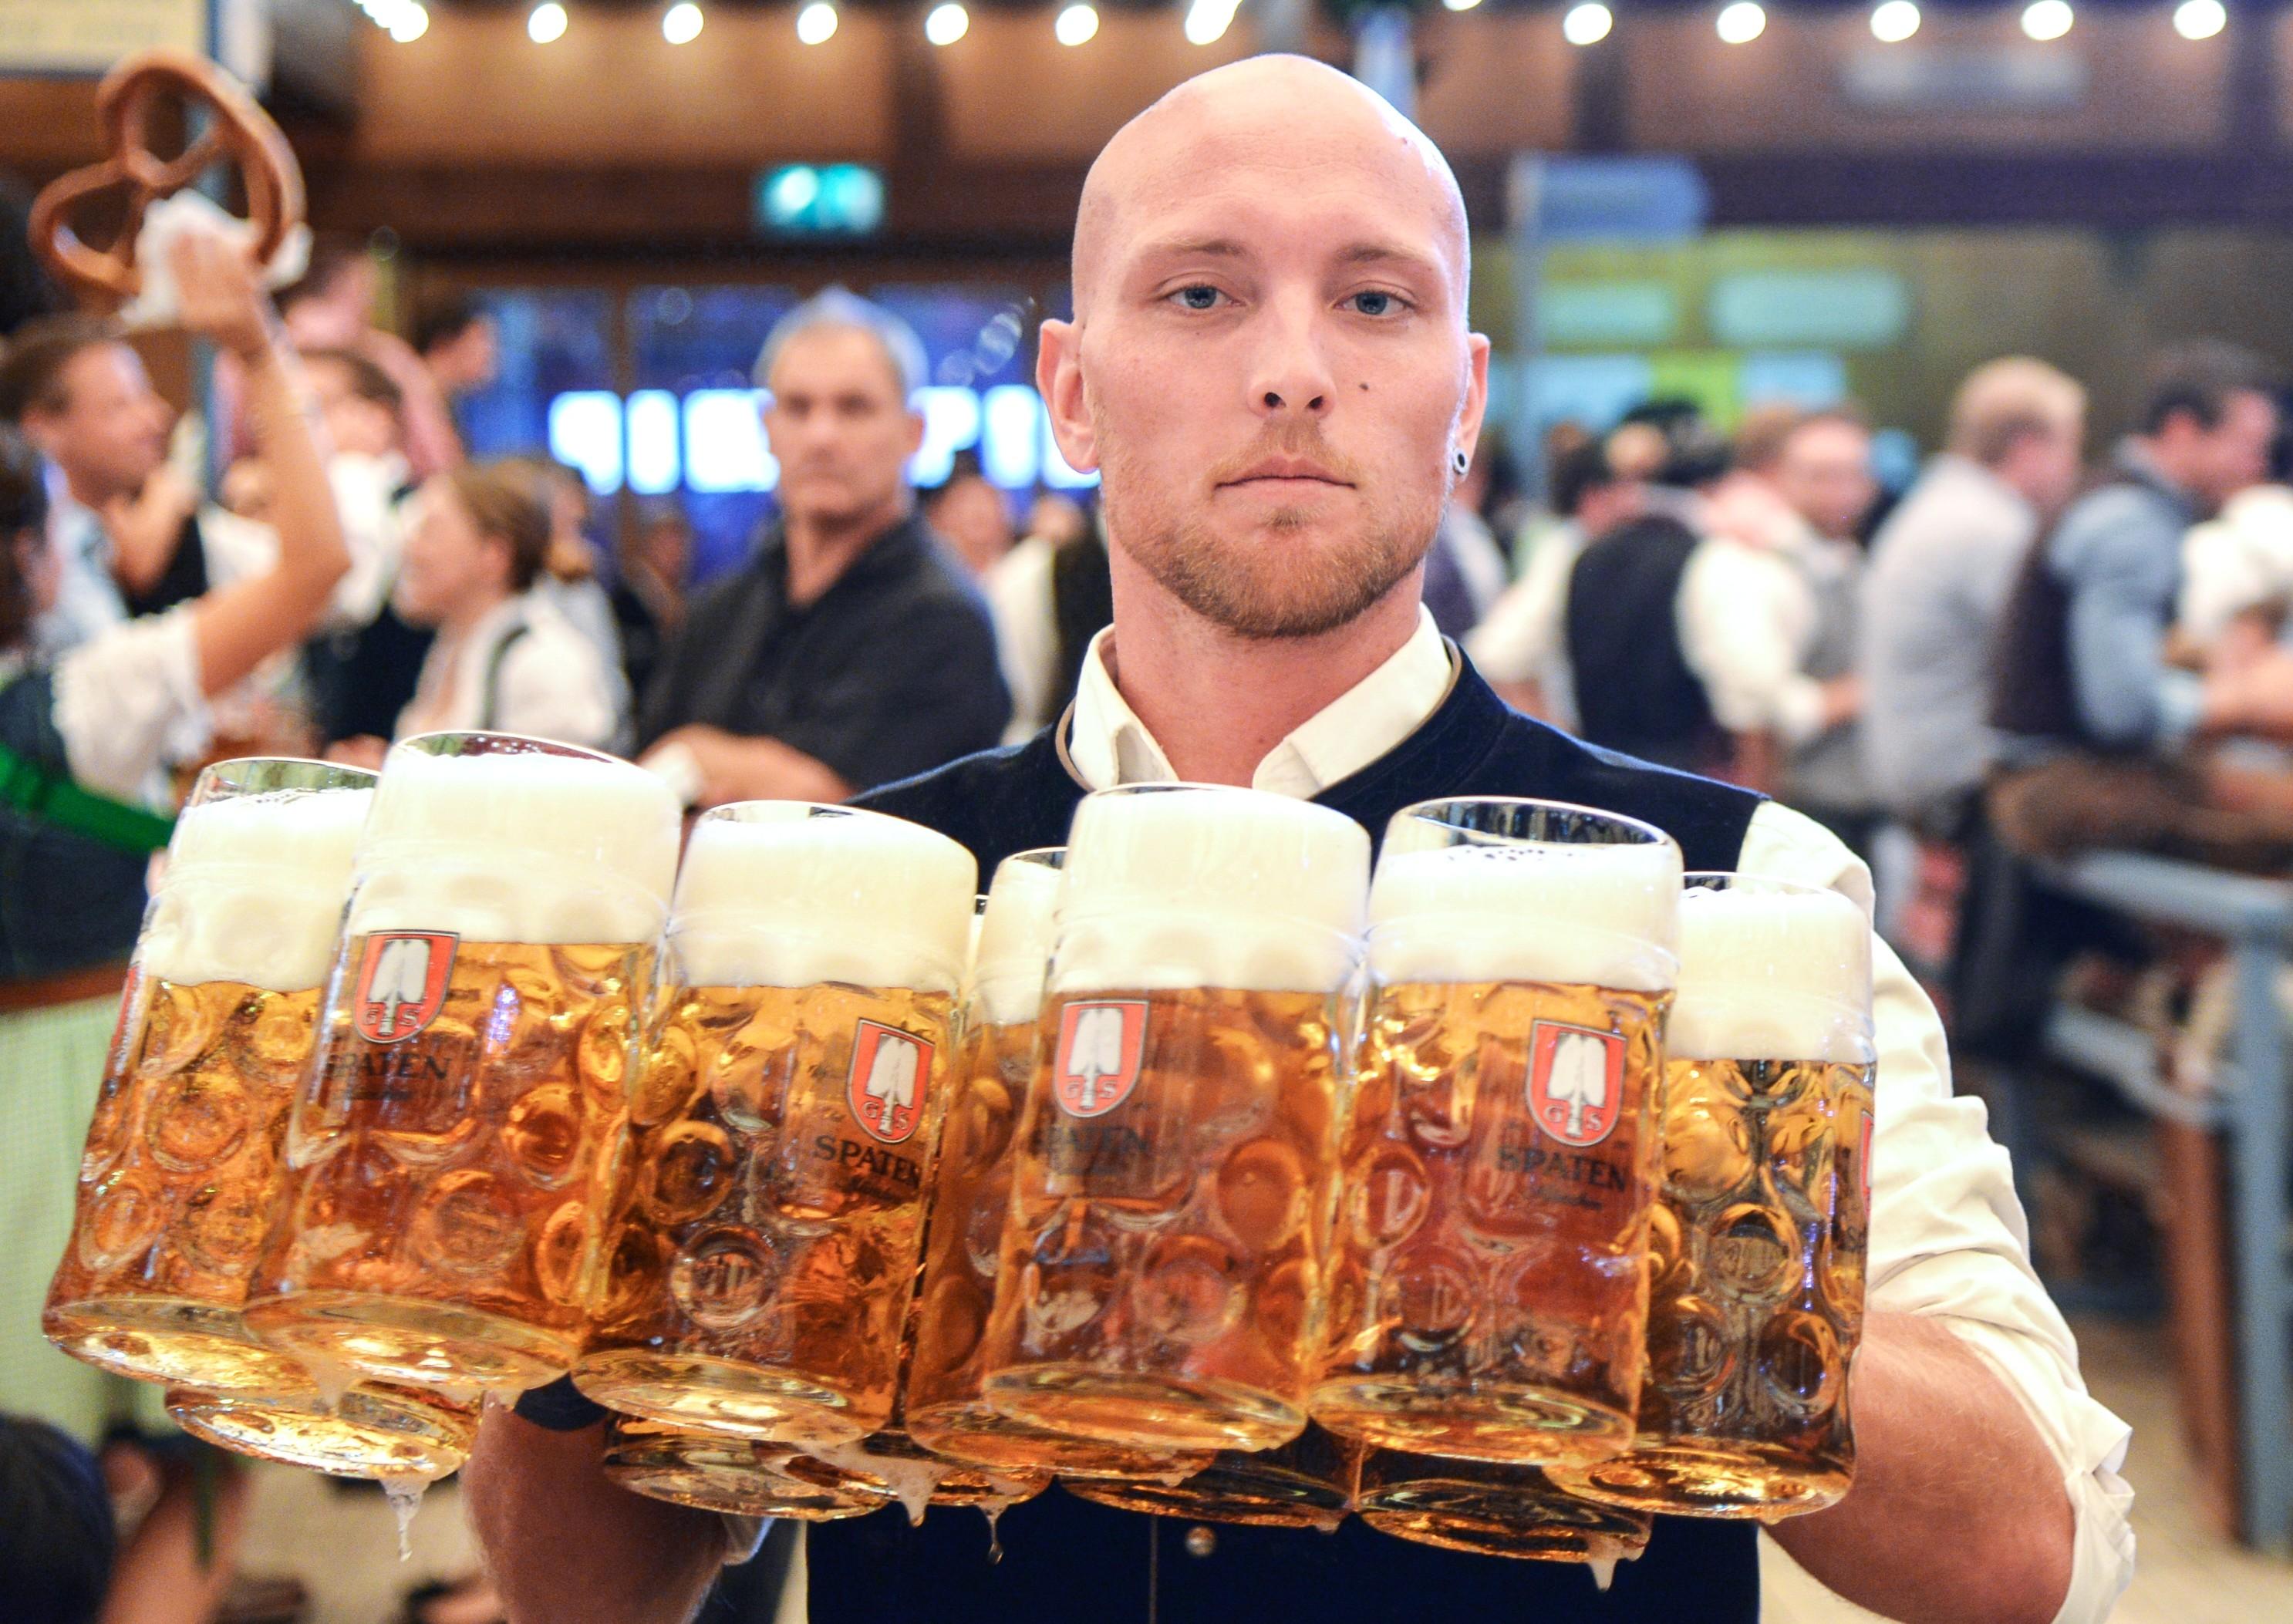 Официант разносит бокалы с пивом. Фото: © РИА Новости / Алексей Витвицкий